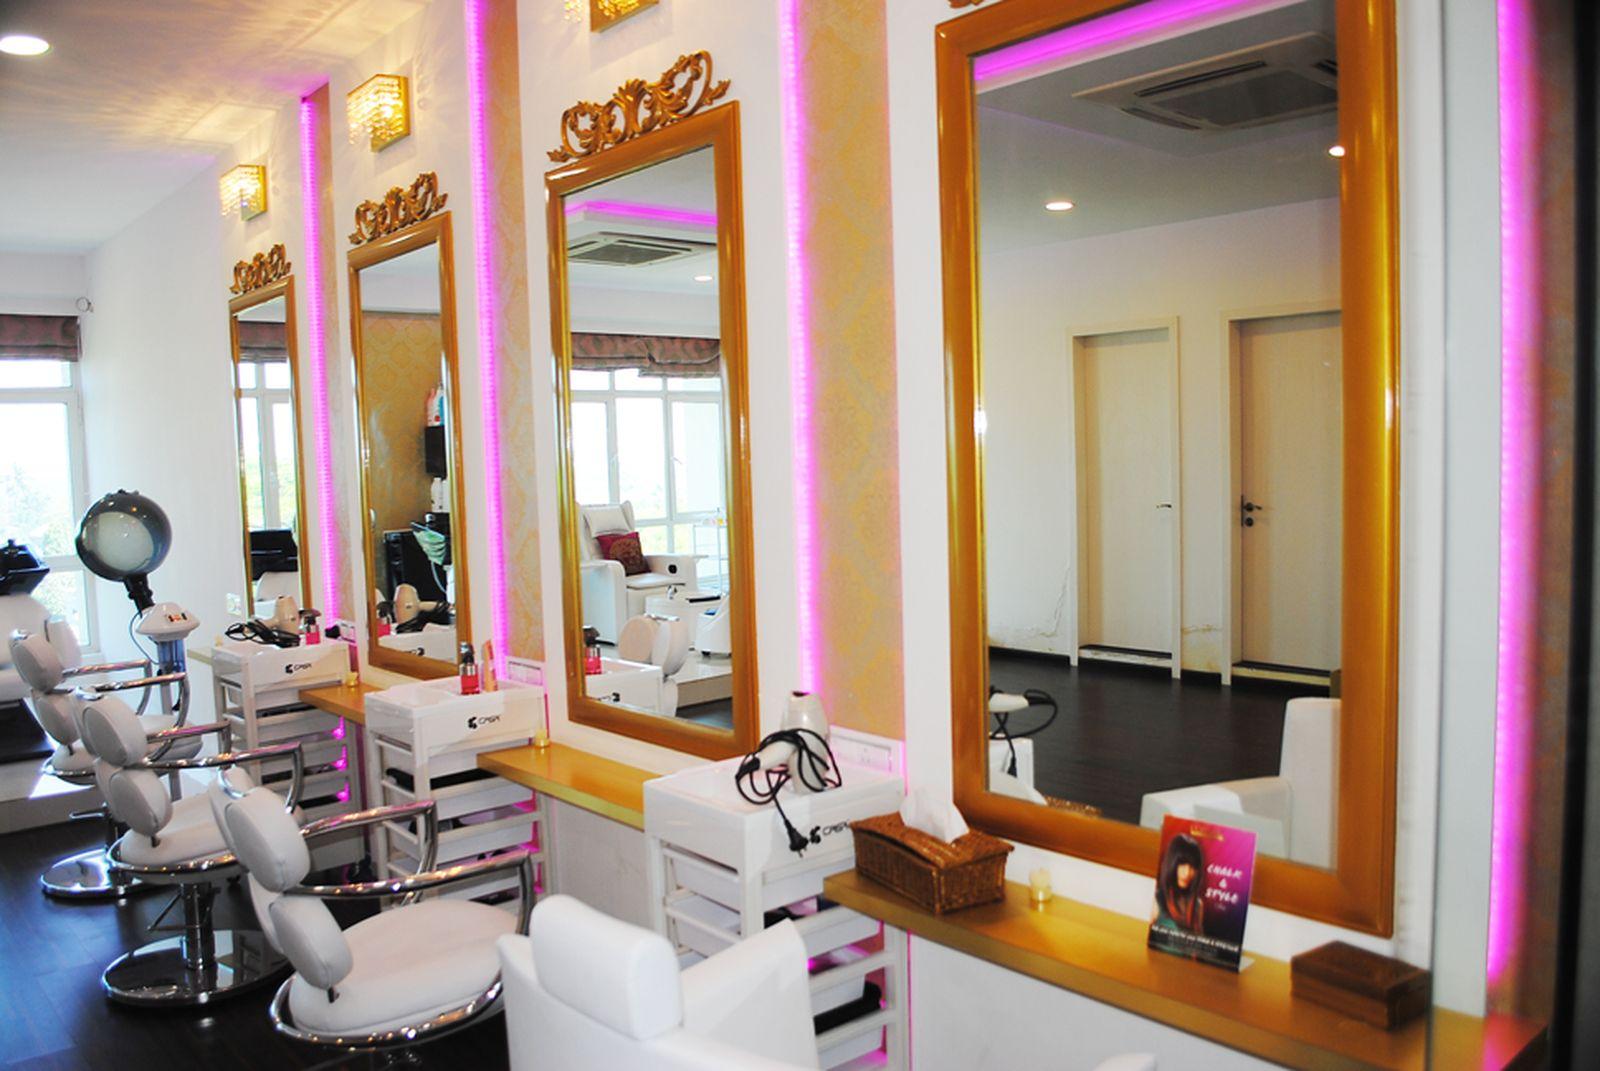 The Pink Room Salon And Spa - Powai - Mumbai Image